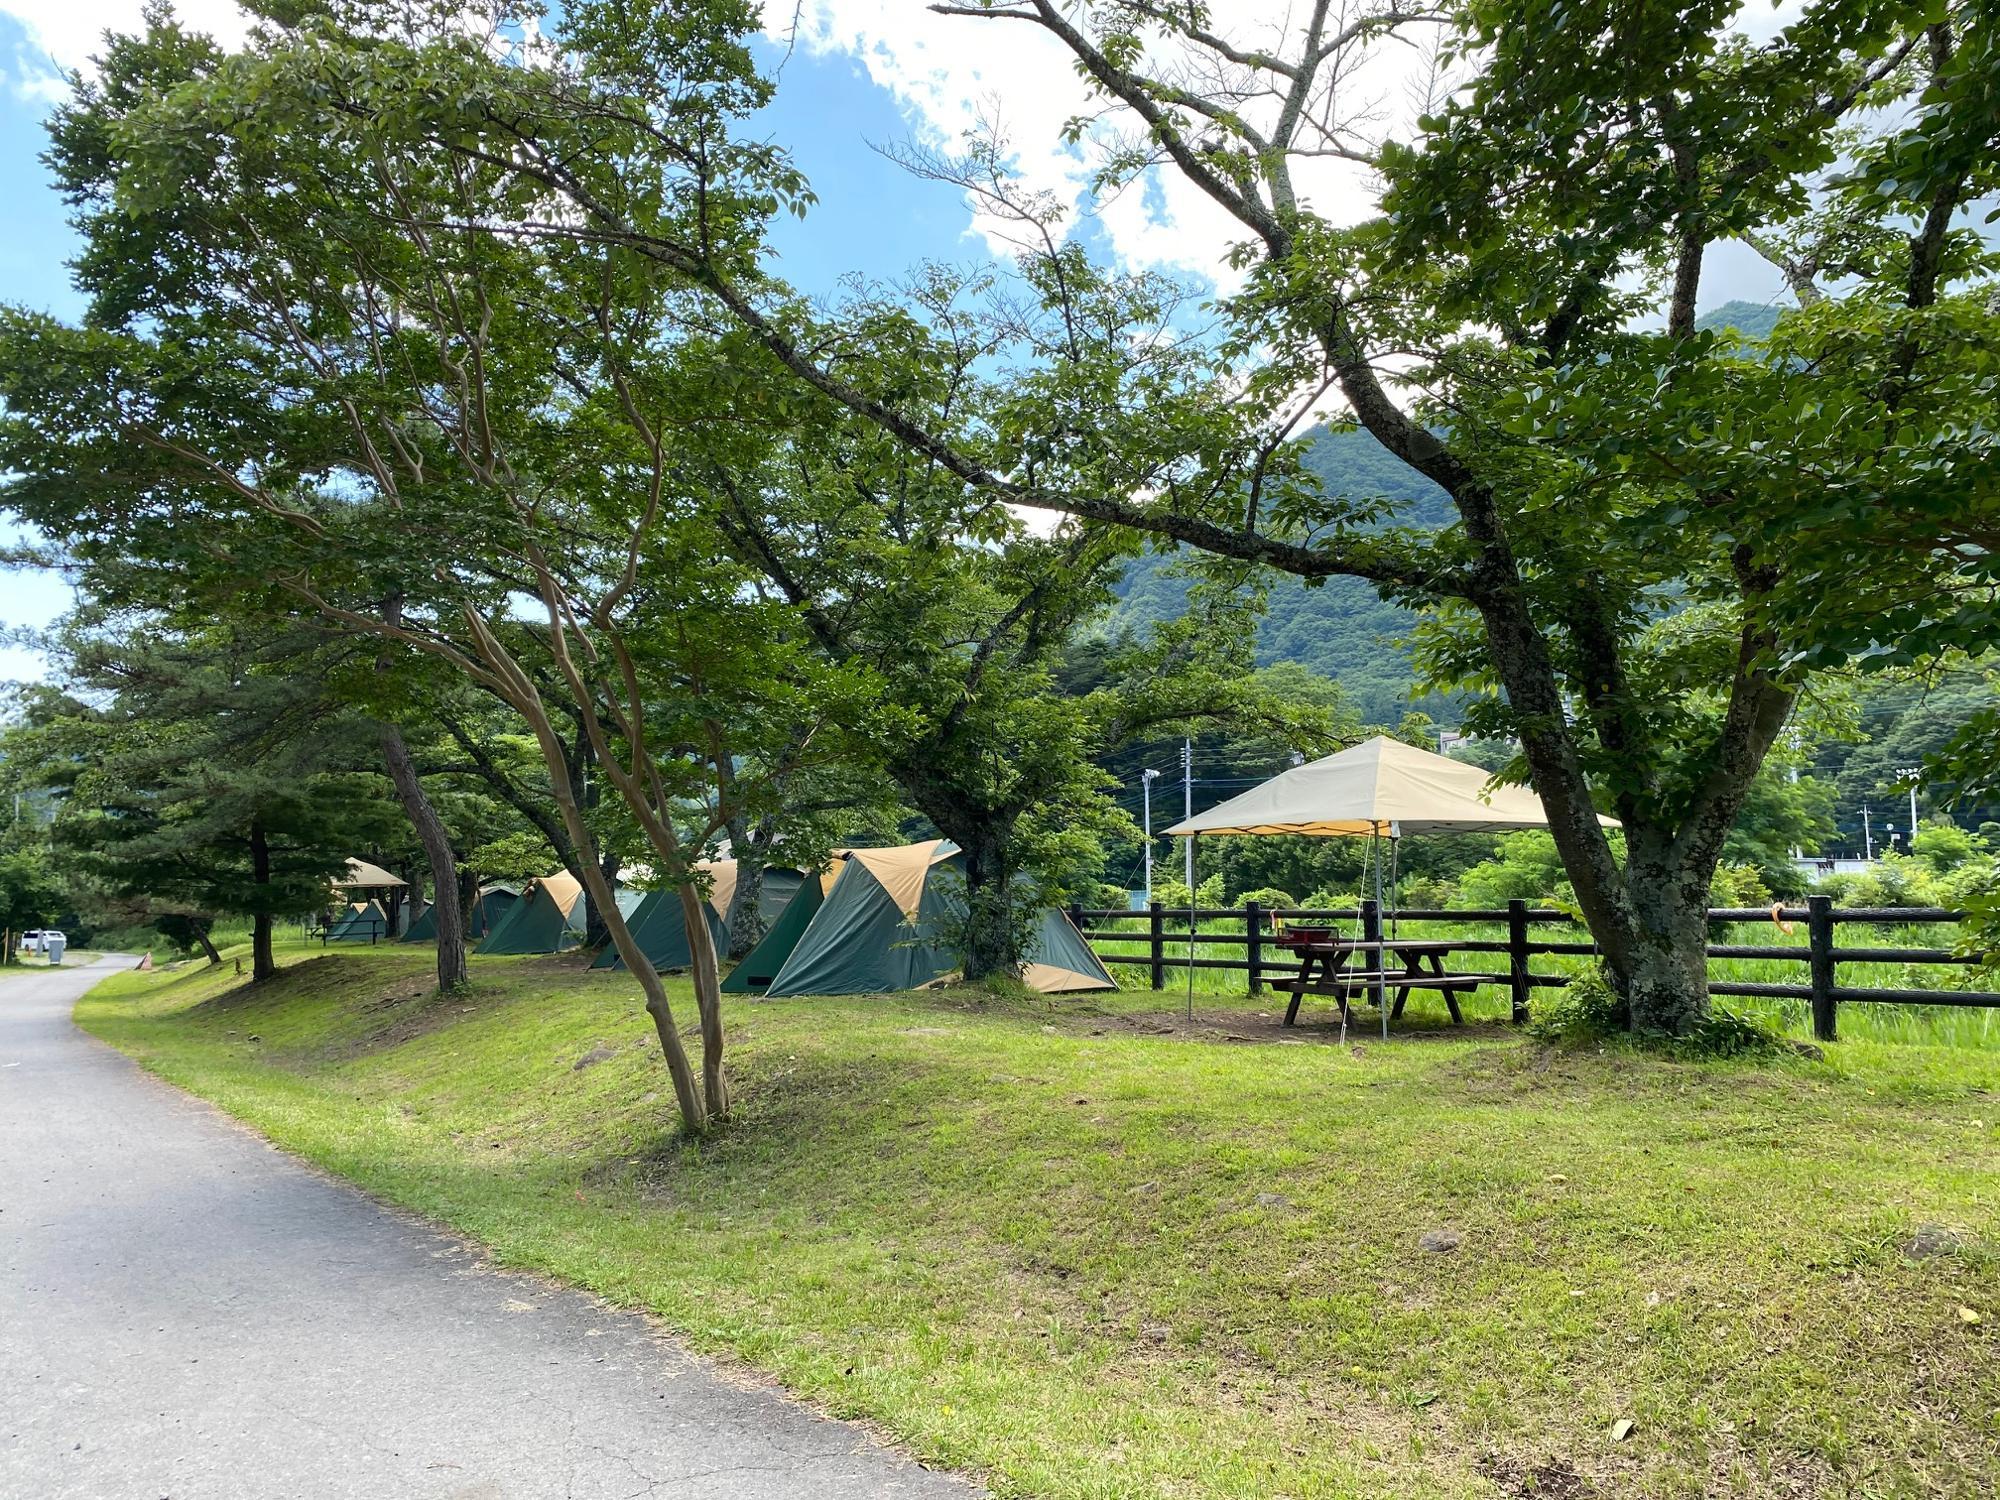 グリーンパークふきわれオートキャンプ場の手ぶらキャンプサイト